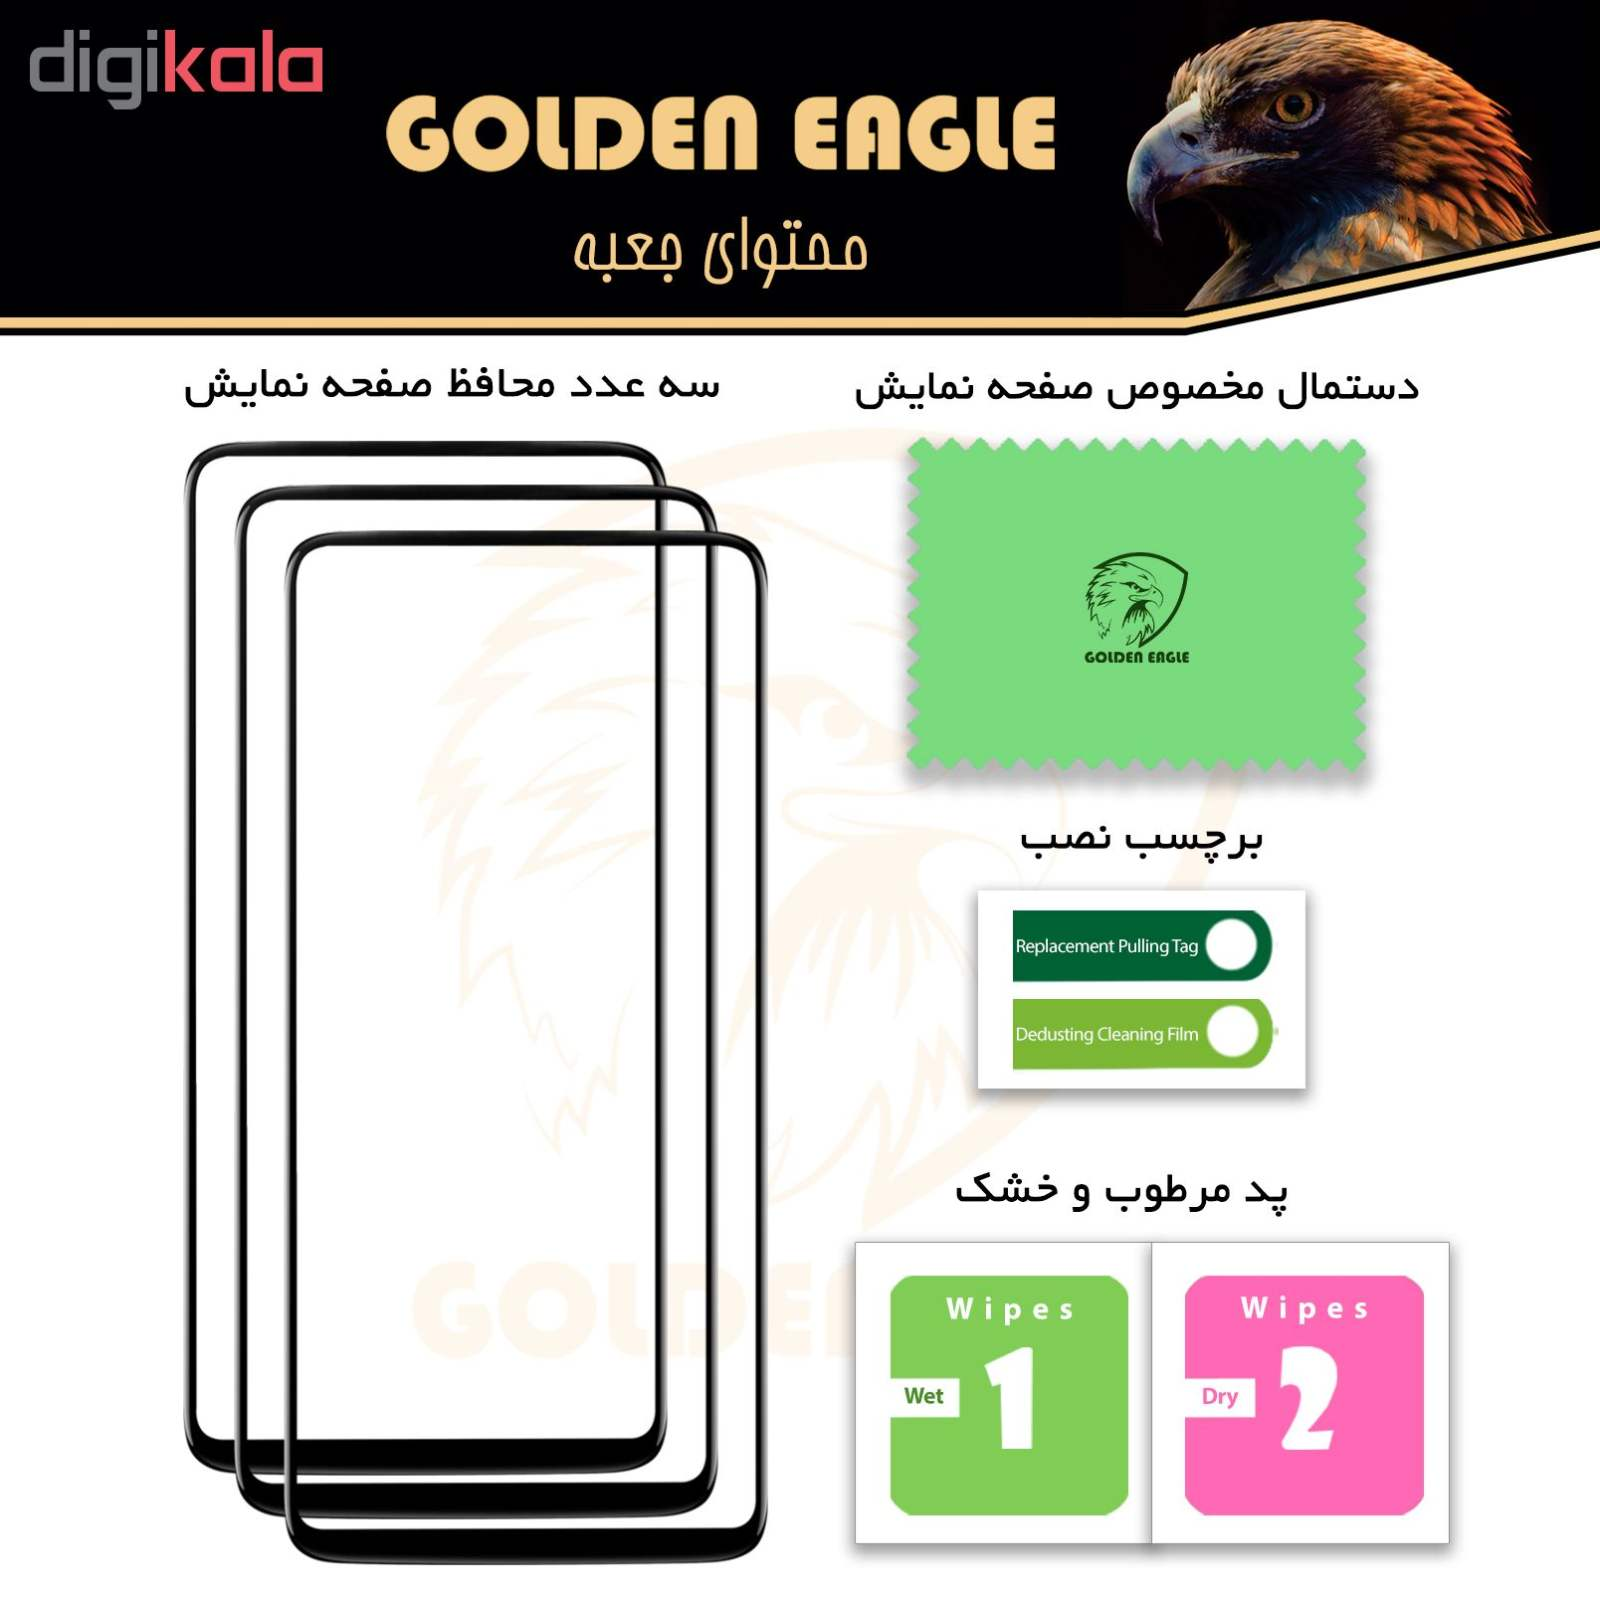 محافظ صفحه نمایش گلدن ایگل مدل GLC-X3 مناسب برای گوشی موبایل سامسونگ Galaxy A8 2018 بسته سه عددی main 1 2